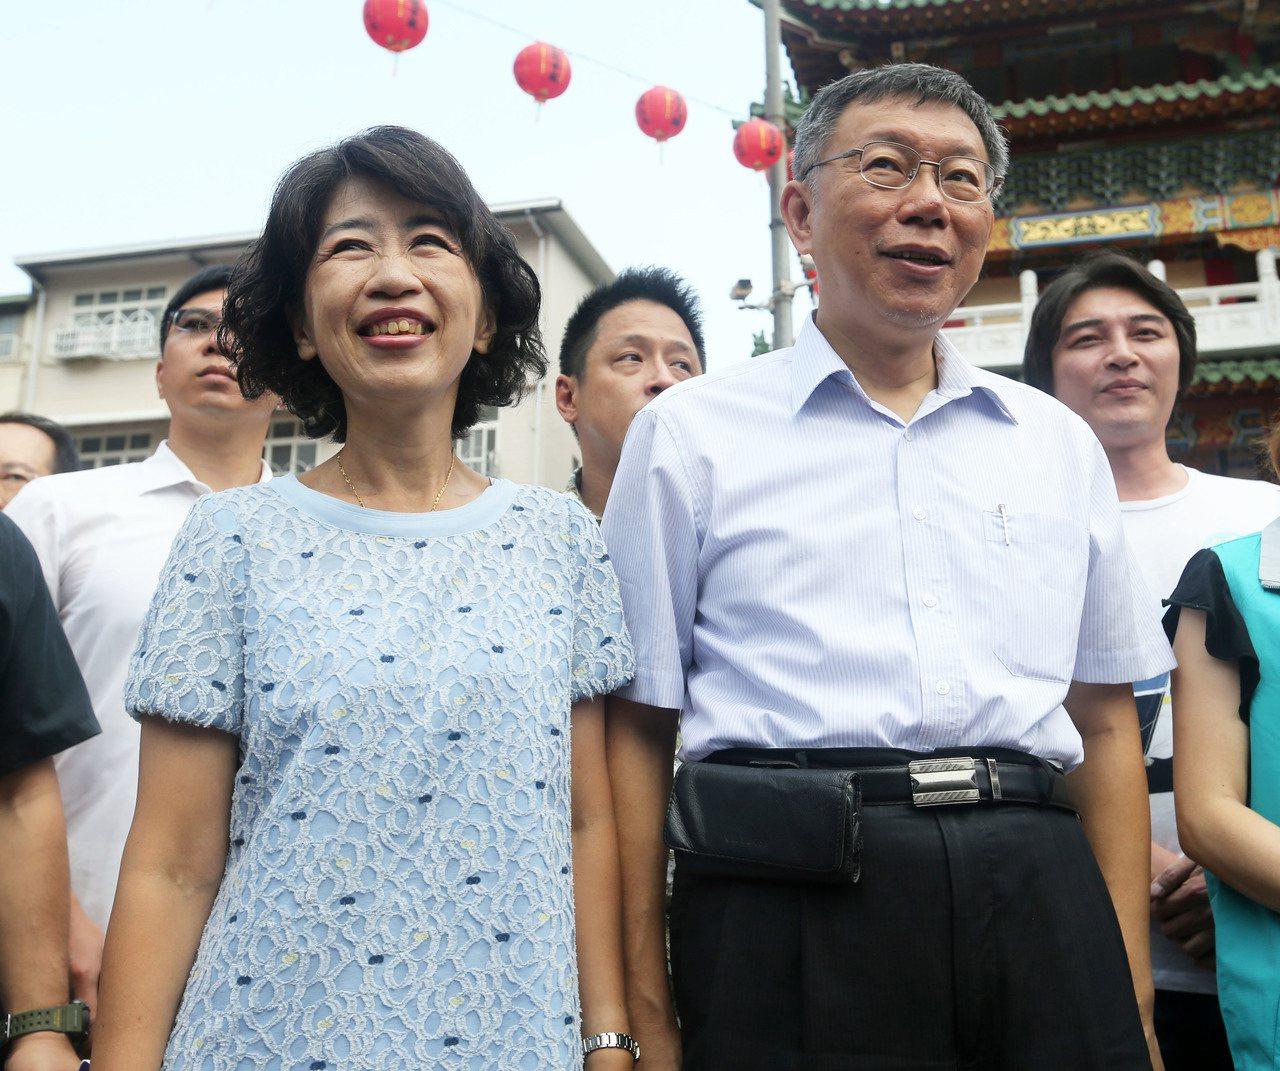 台北市長柯文哲(前右)今天偕同太太陳佩琪(前左)走訪高雄。記者劉學聖/攝影